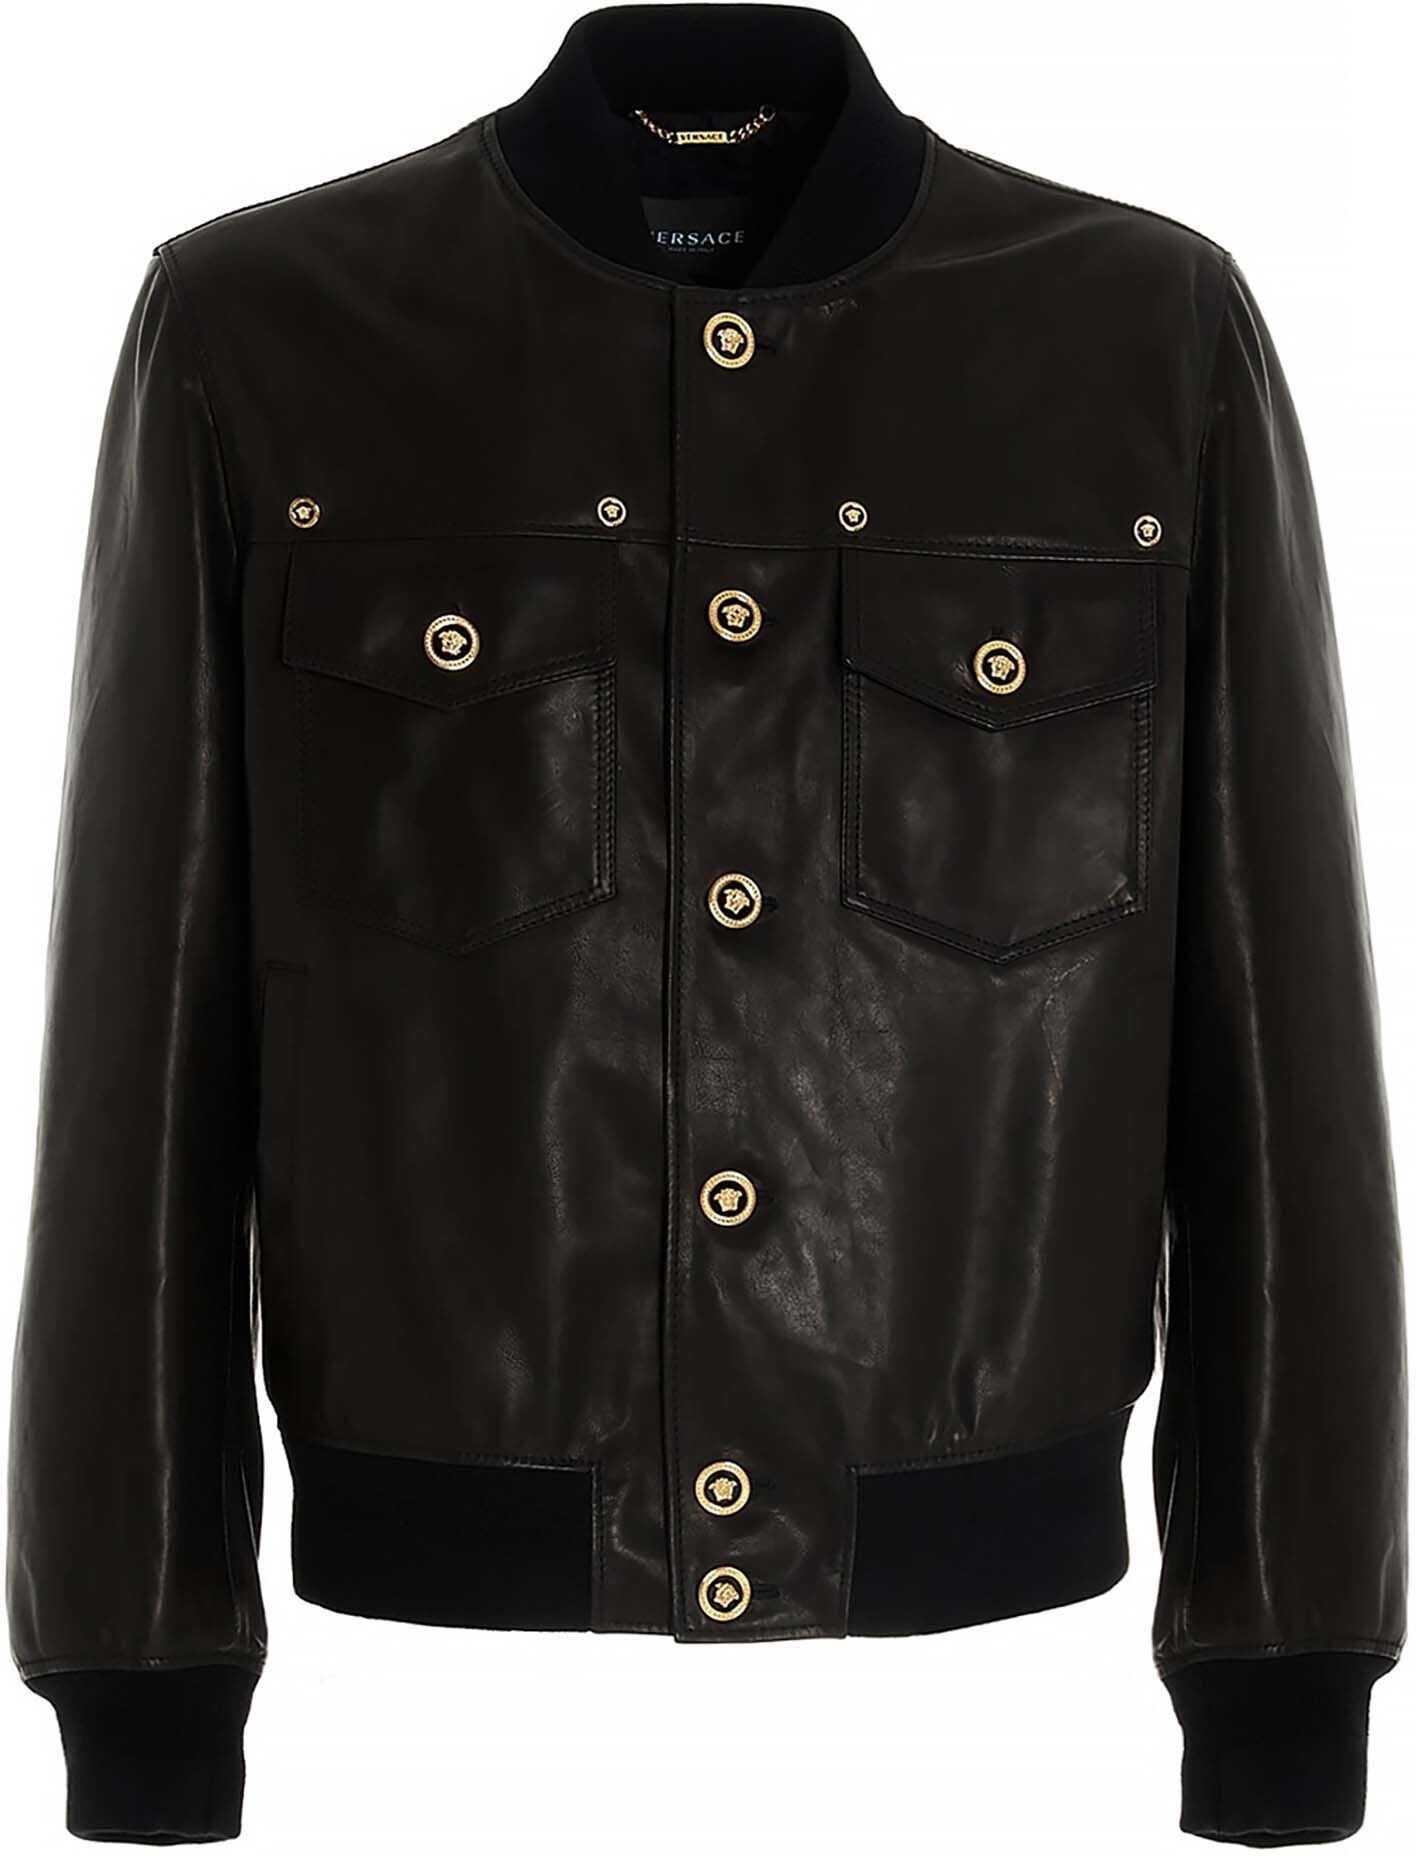 Versace Medusa Buttons Jacket In Black Black imagine